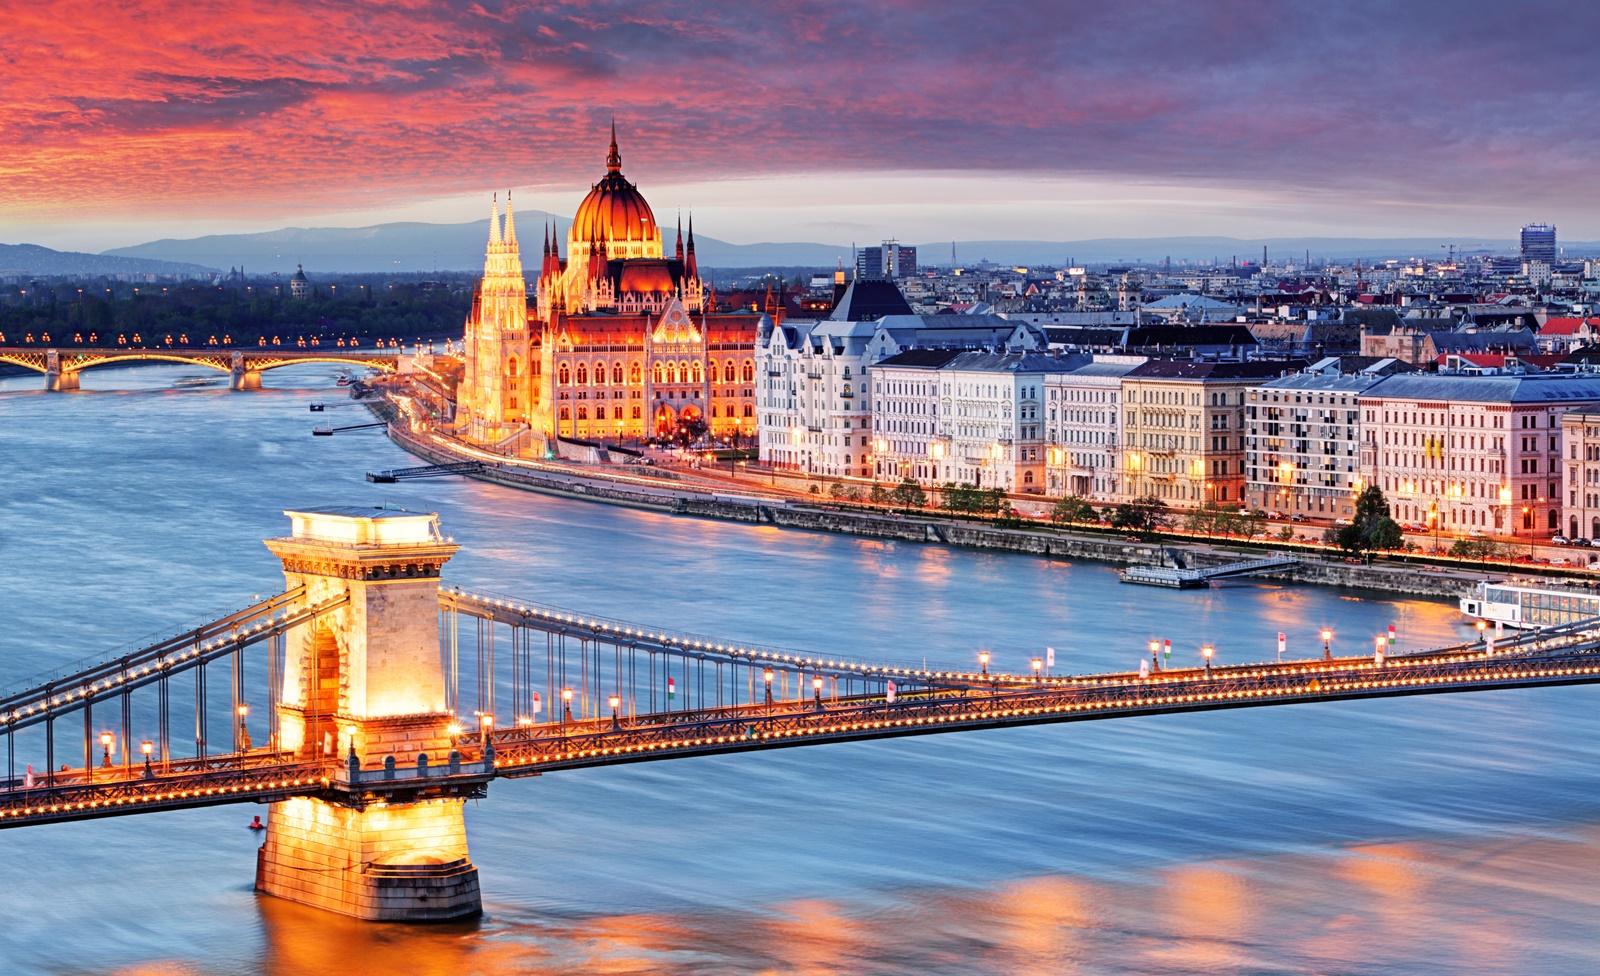 14 Top Budapest Sehenswürdigkeiten für Touristen - 2018 (mit Fotos)